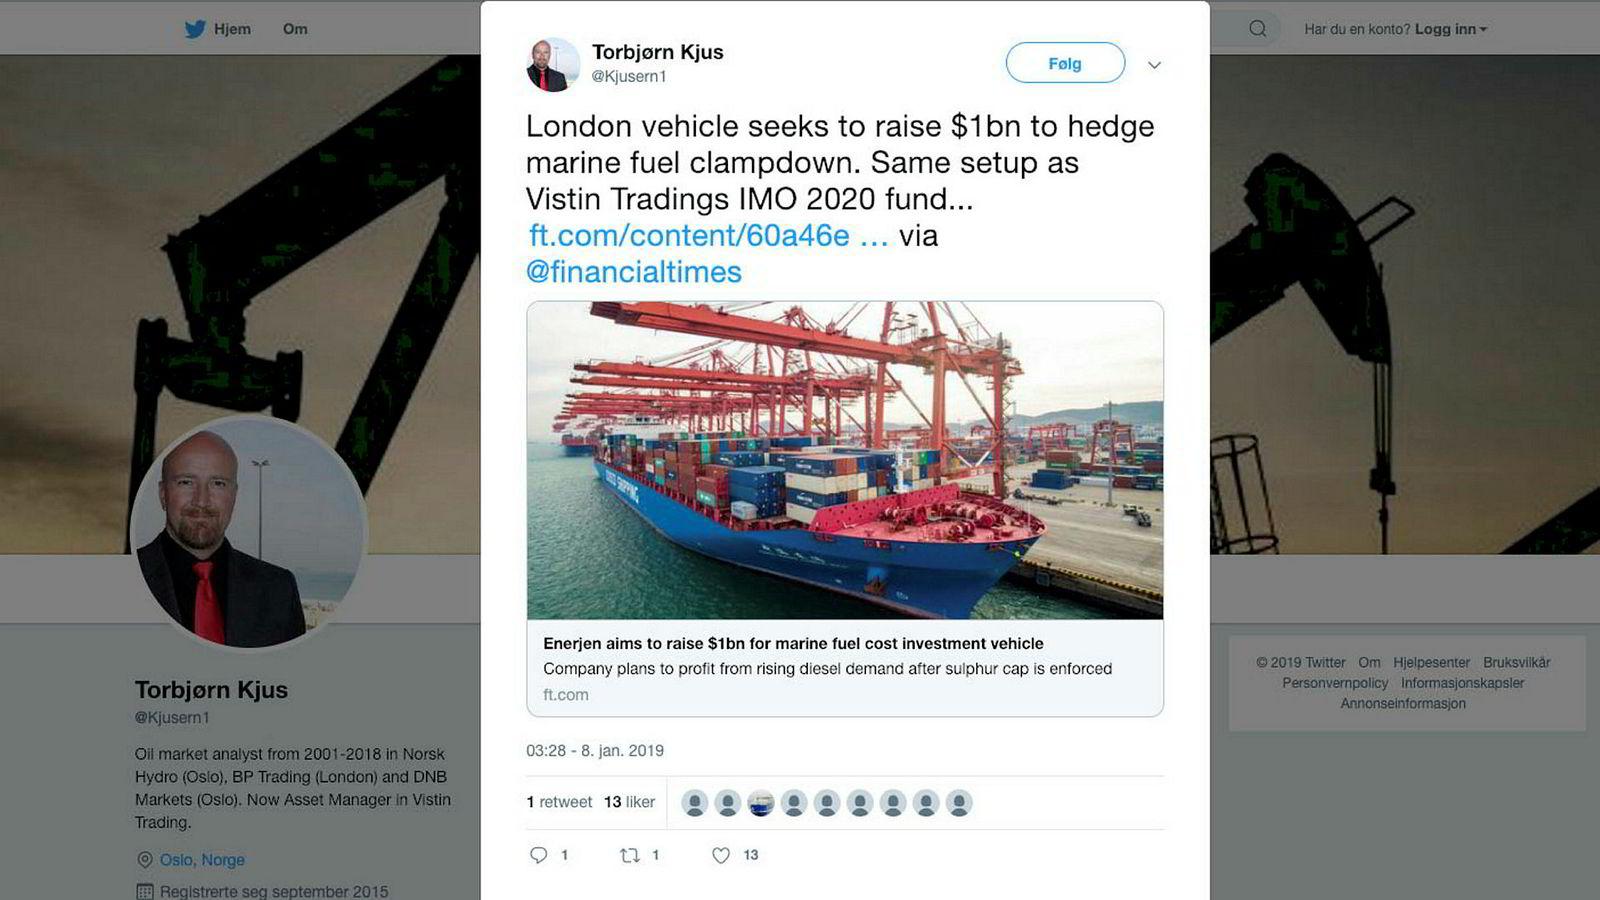 Det mest talende i Torbjørn Kjus' twittermelding på tirsdag er de tre punktumene til slutt.